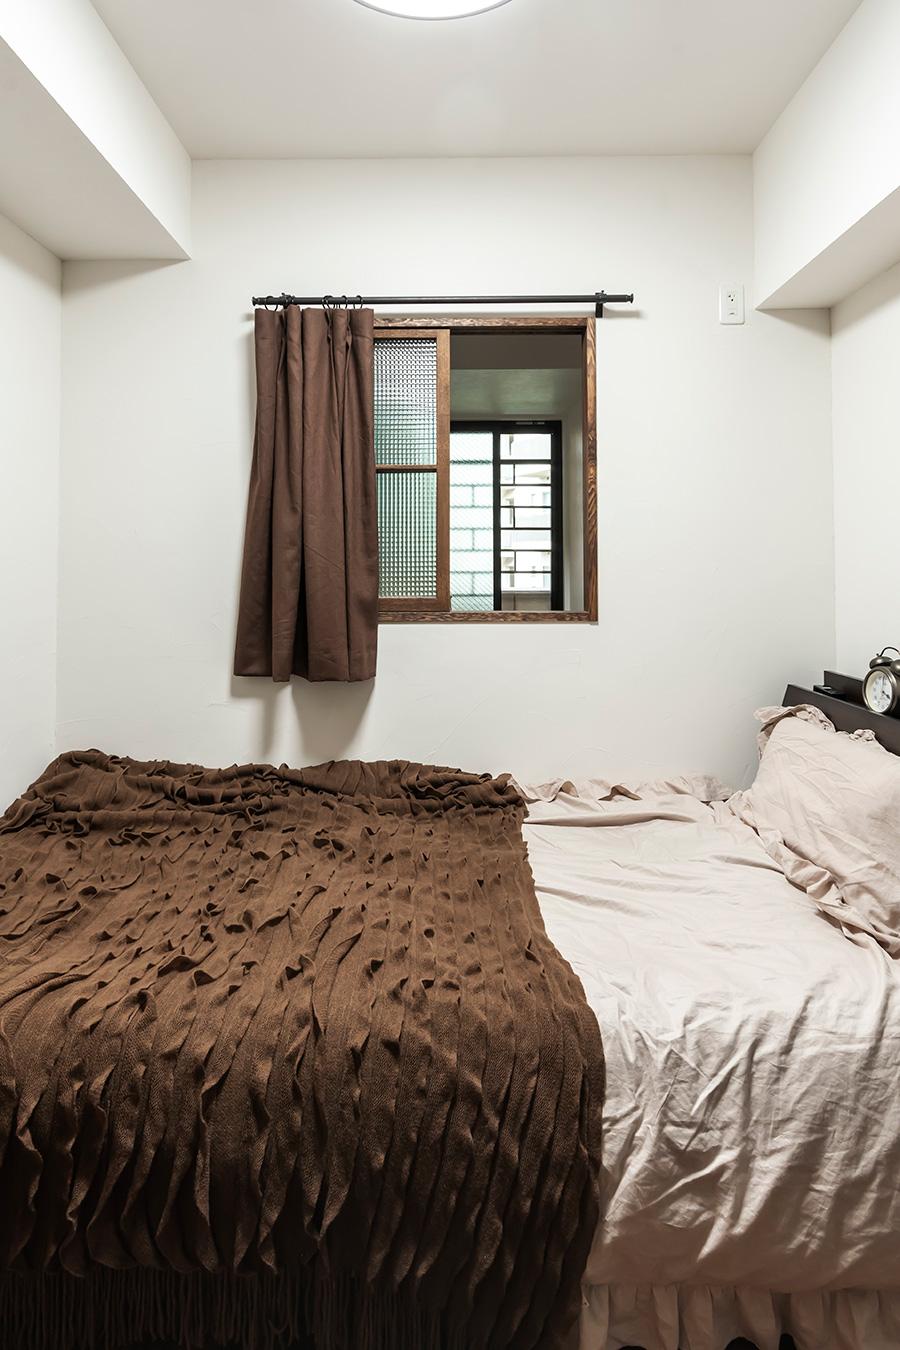 夫婦それぞれの寝室に小窓を設けた。